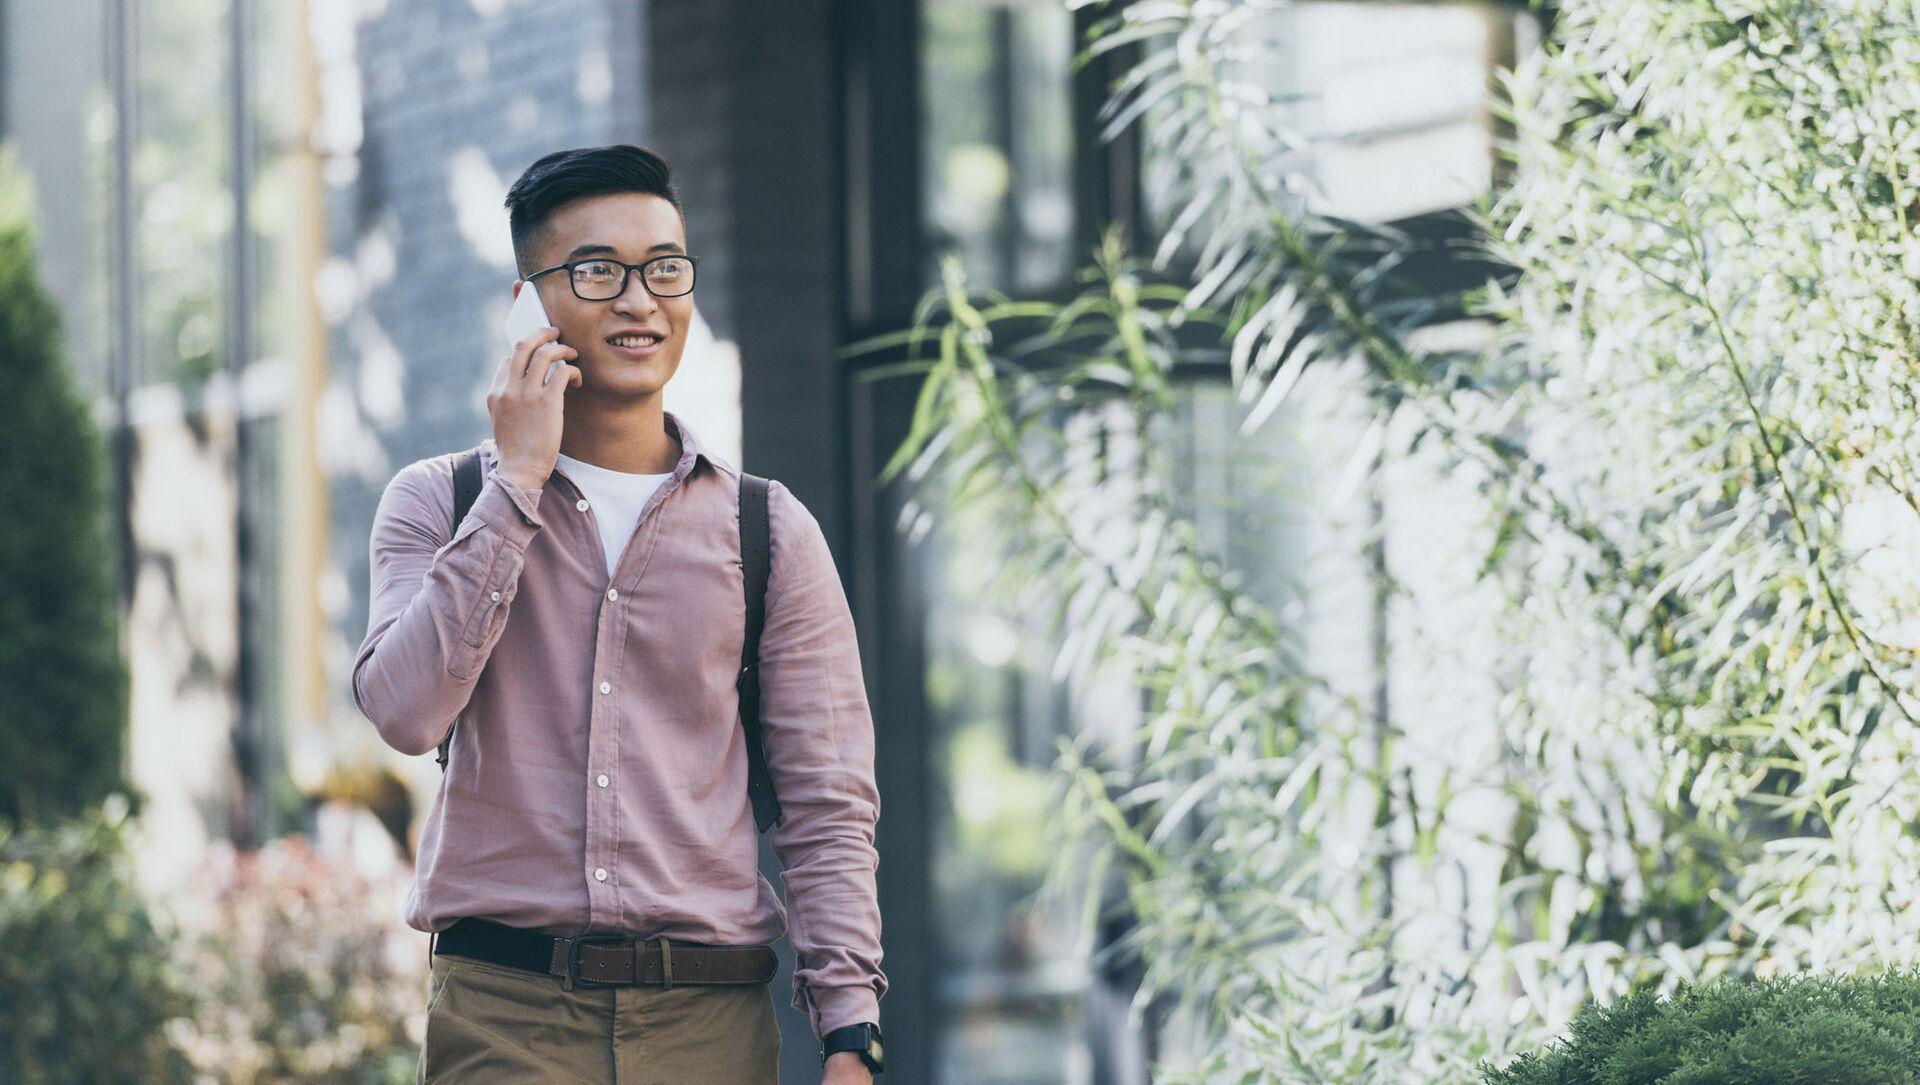 Một thanh niên đang cầm điện thoại trên tay. - Sputnik Việt Nam, 1920, 05.07.2021